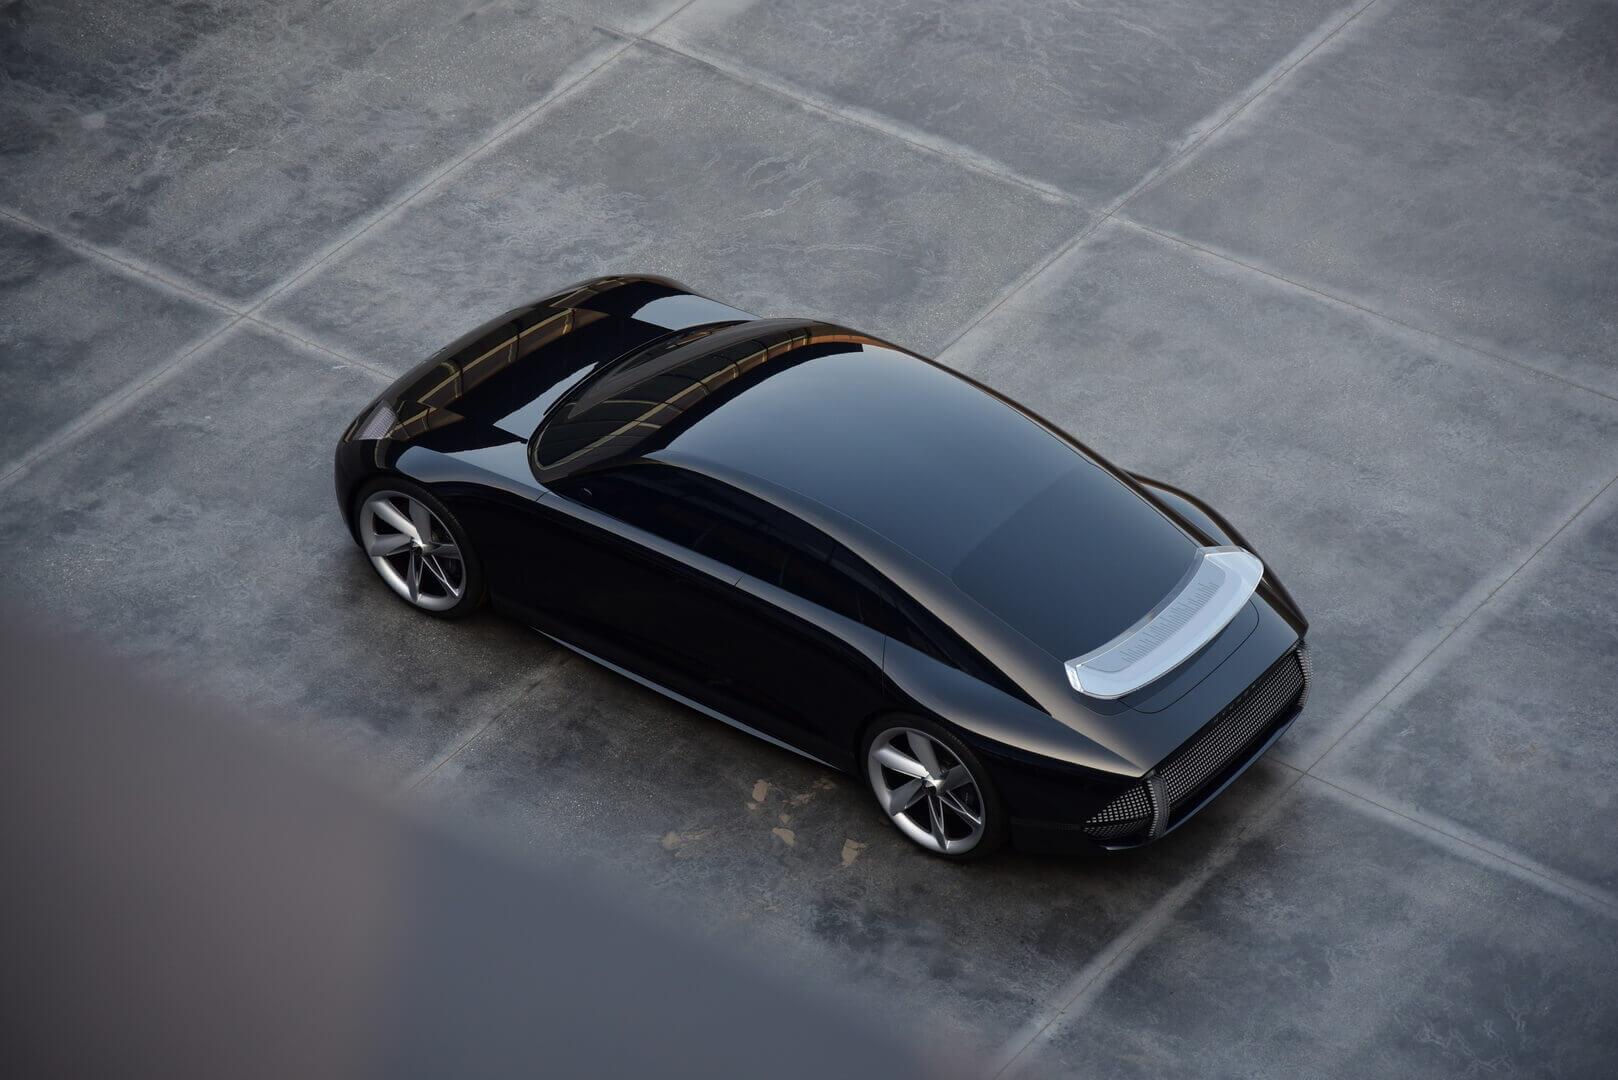 Електромобіль Hyundai Prophecy